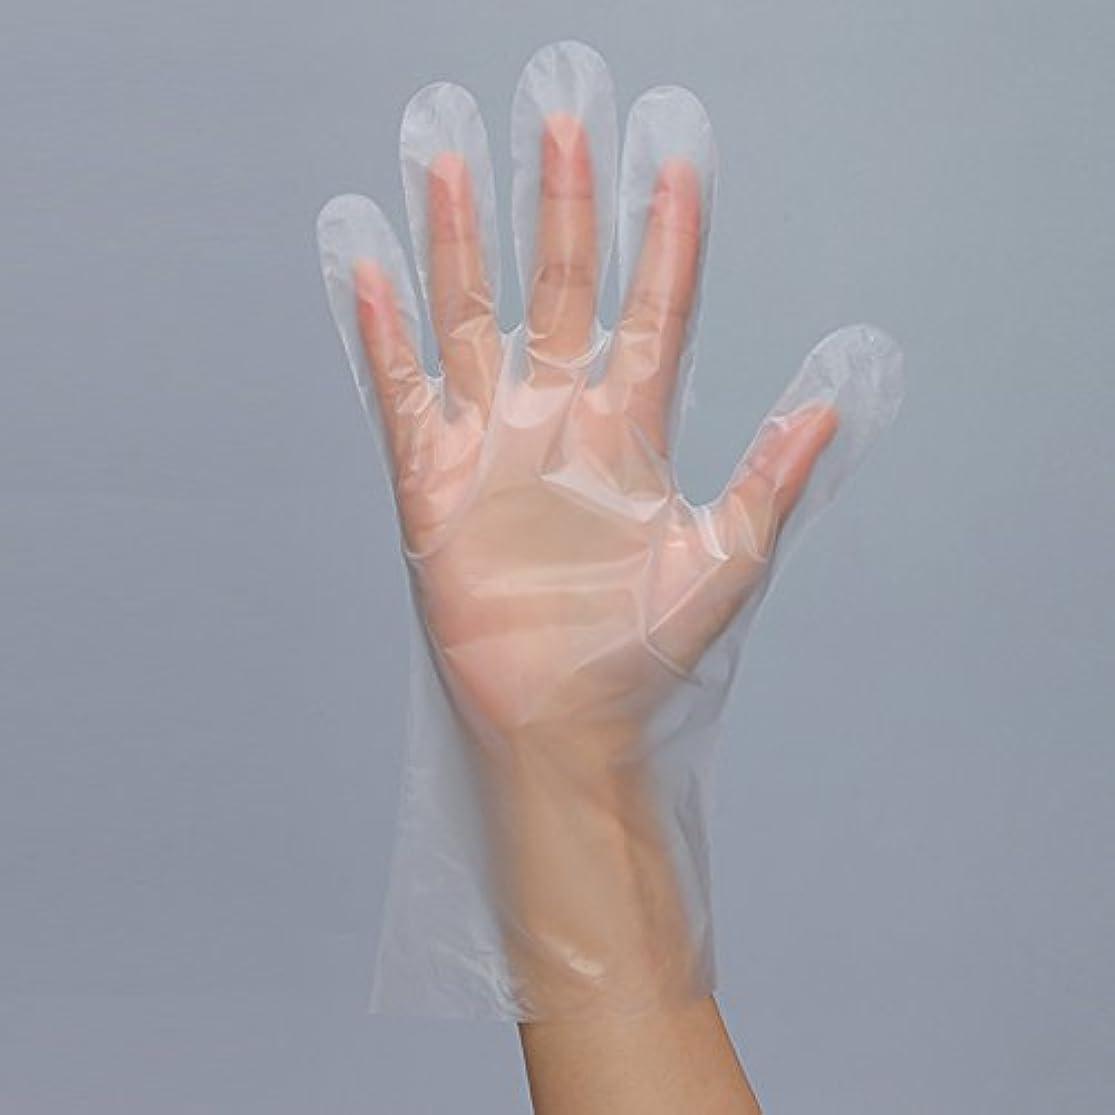 に向けて出発省略含意使い捨て手袋 透明 食事 キッチン 調理 美容用 衛生 20/100枚入  (100枚入(薄型))